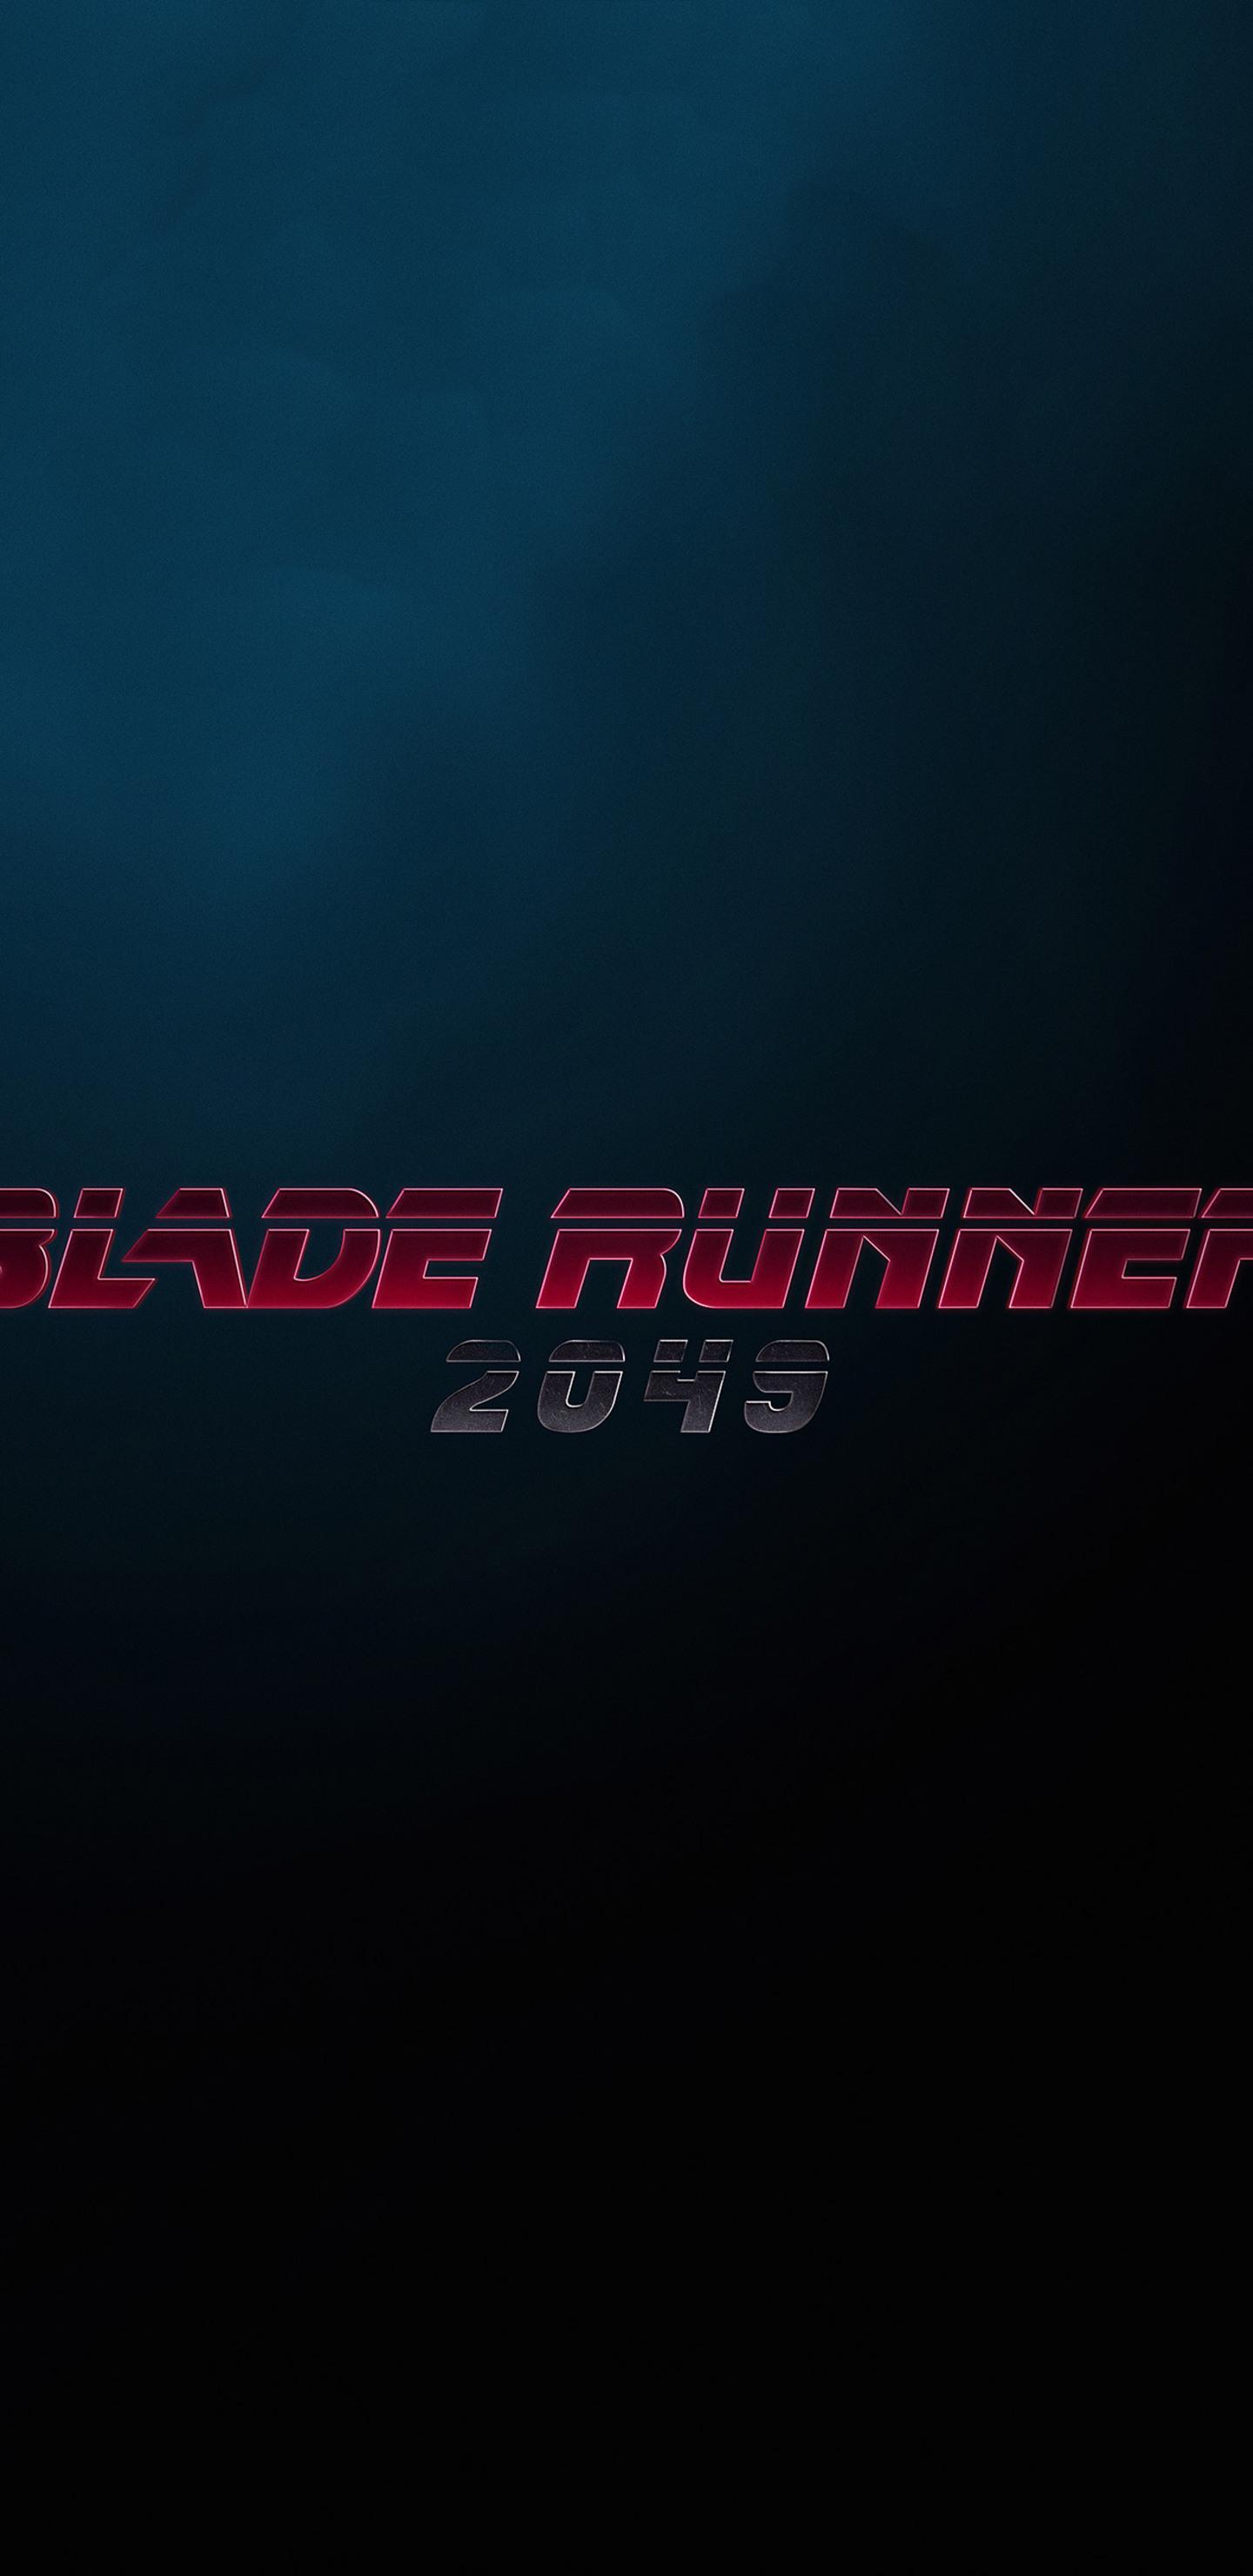 blade-runner-2049-logo-5k-hn.jpg